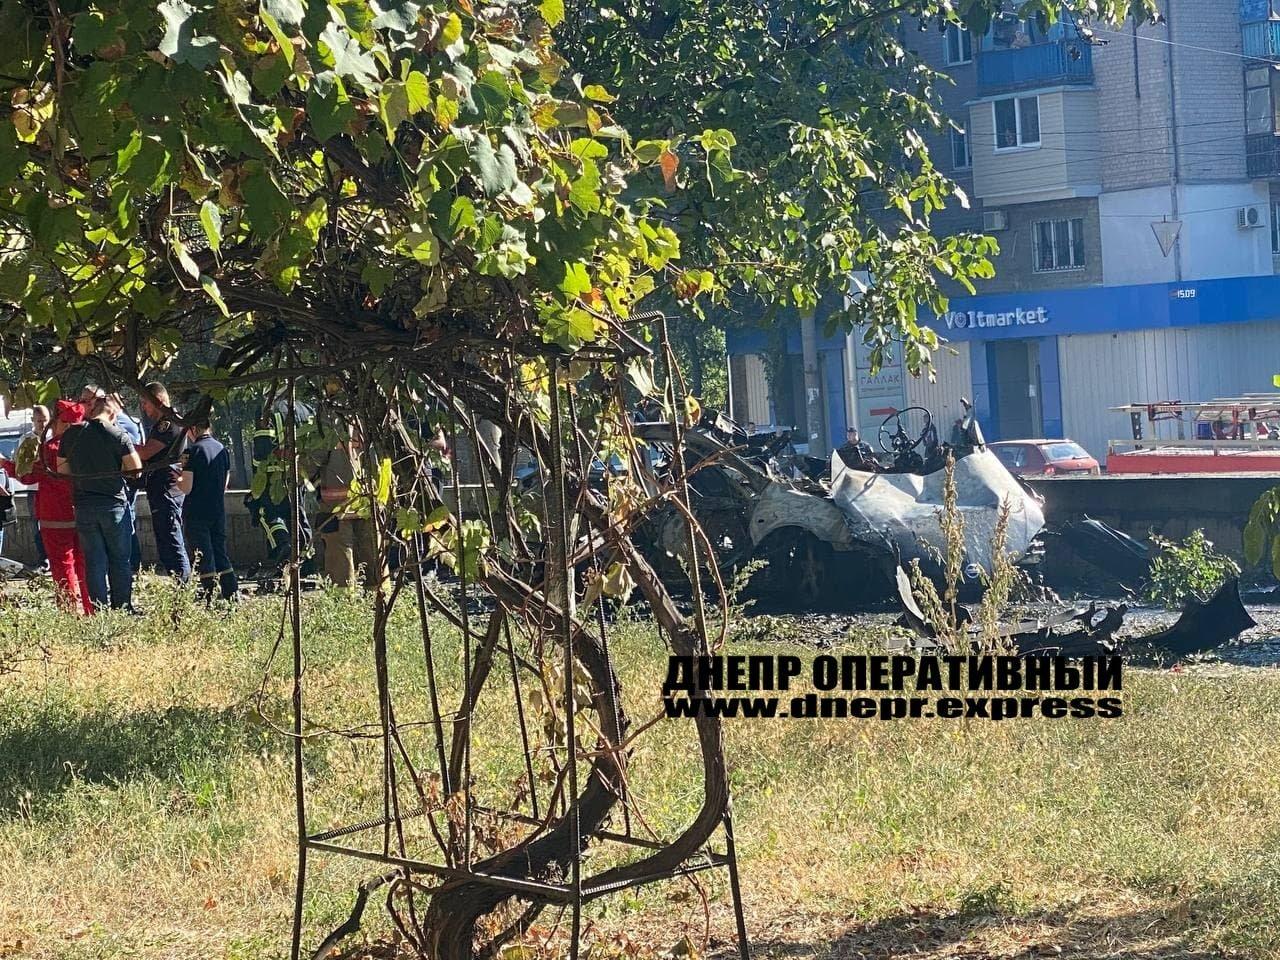 В Днепре от взрыва автомобиль разорвало на части, погибли 2 человека, - ФОТО, фото-3